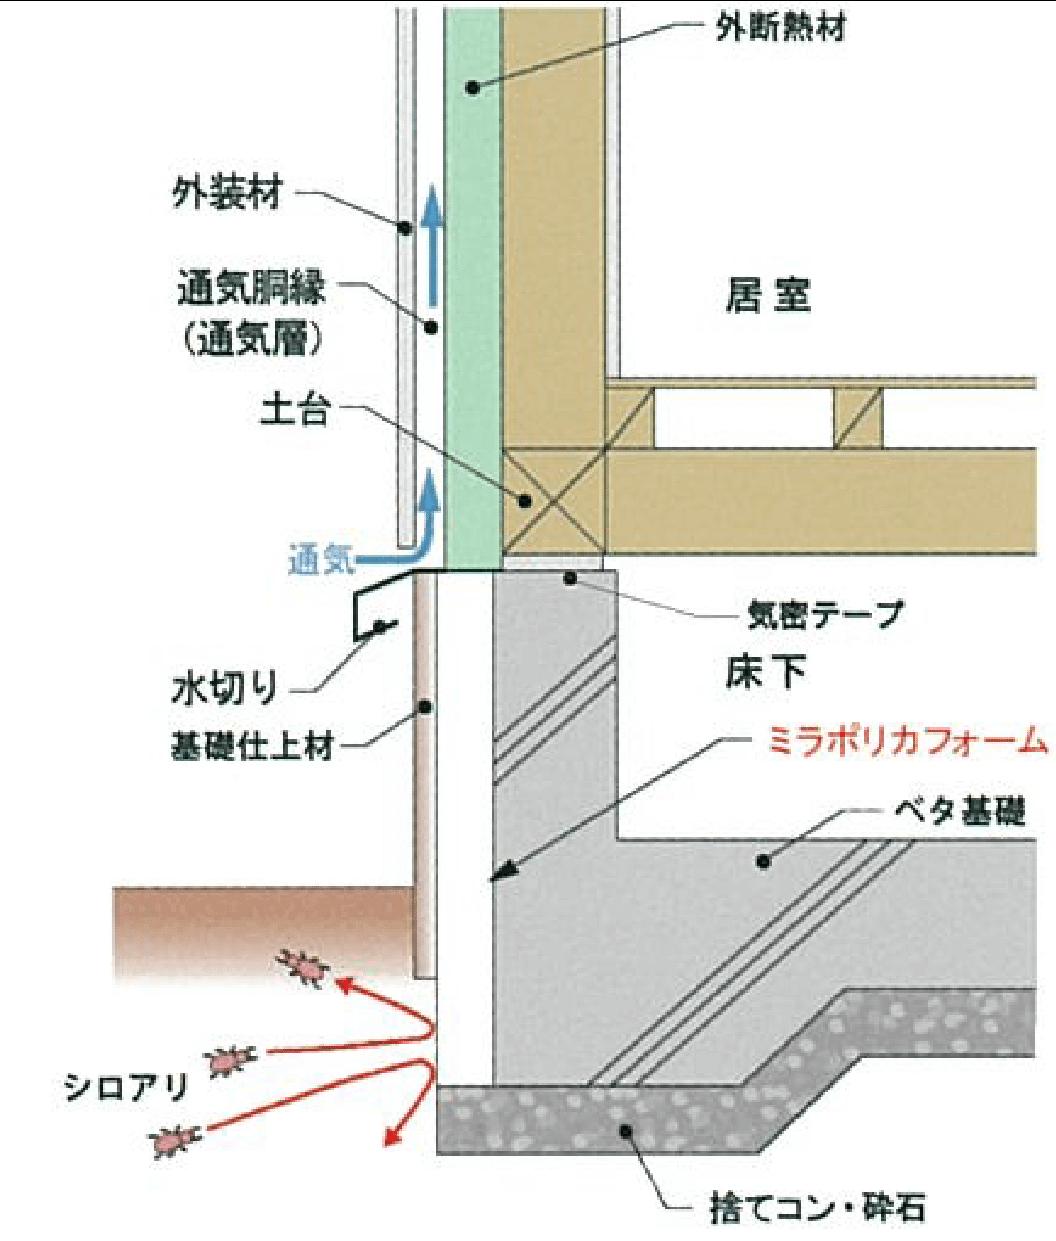 基礎外断熱の物理的防蟻「ミラポリカMP工法」(特許)